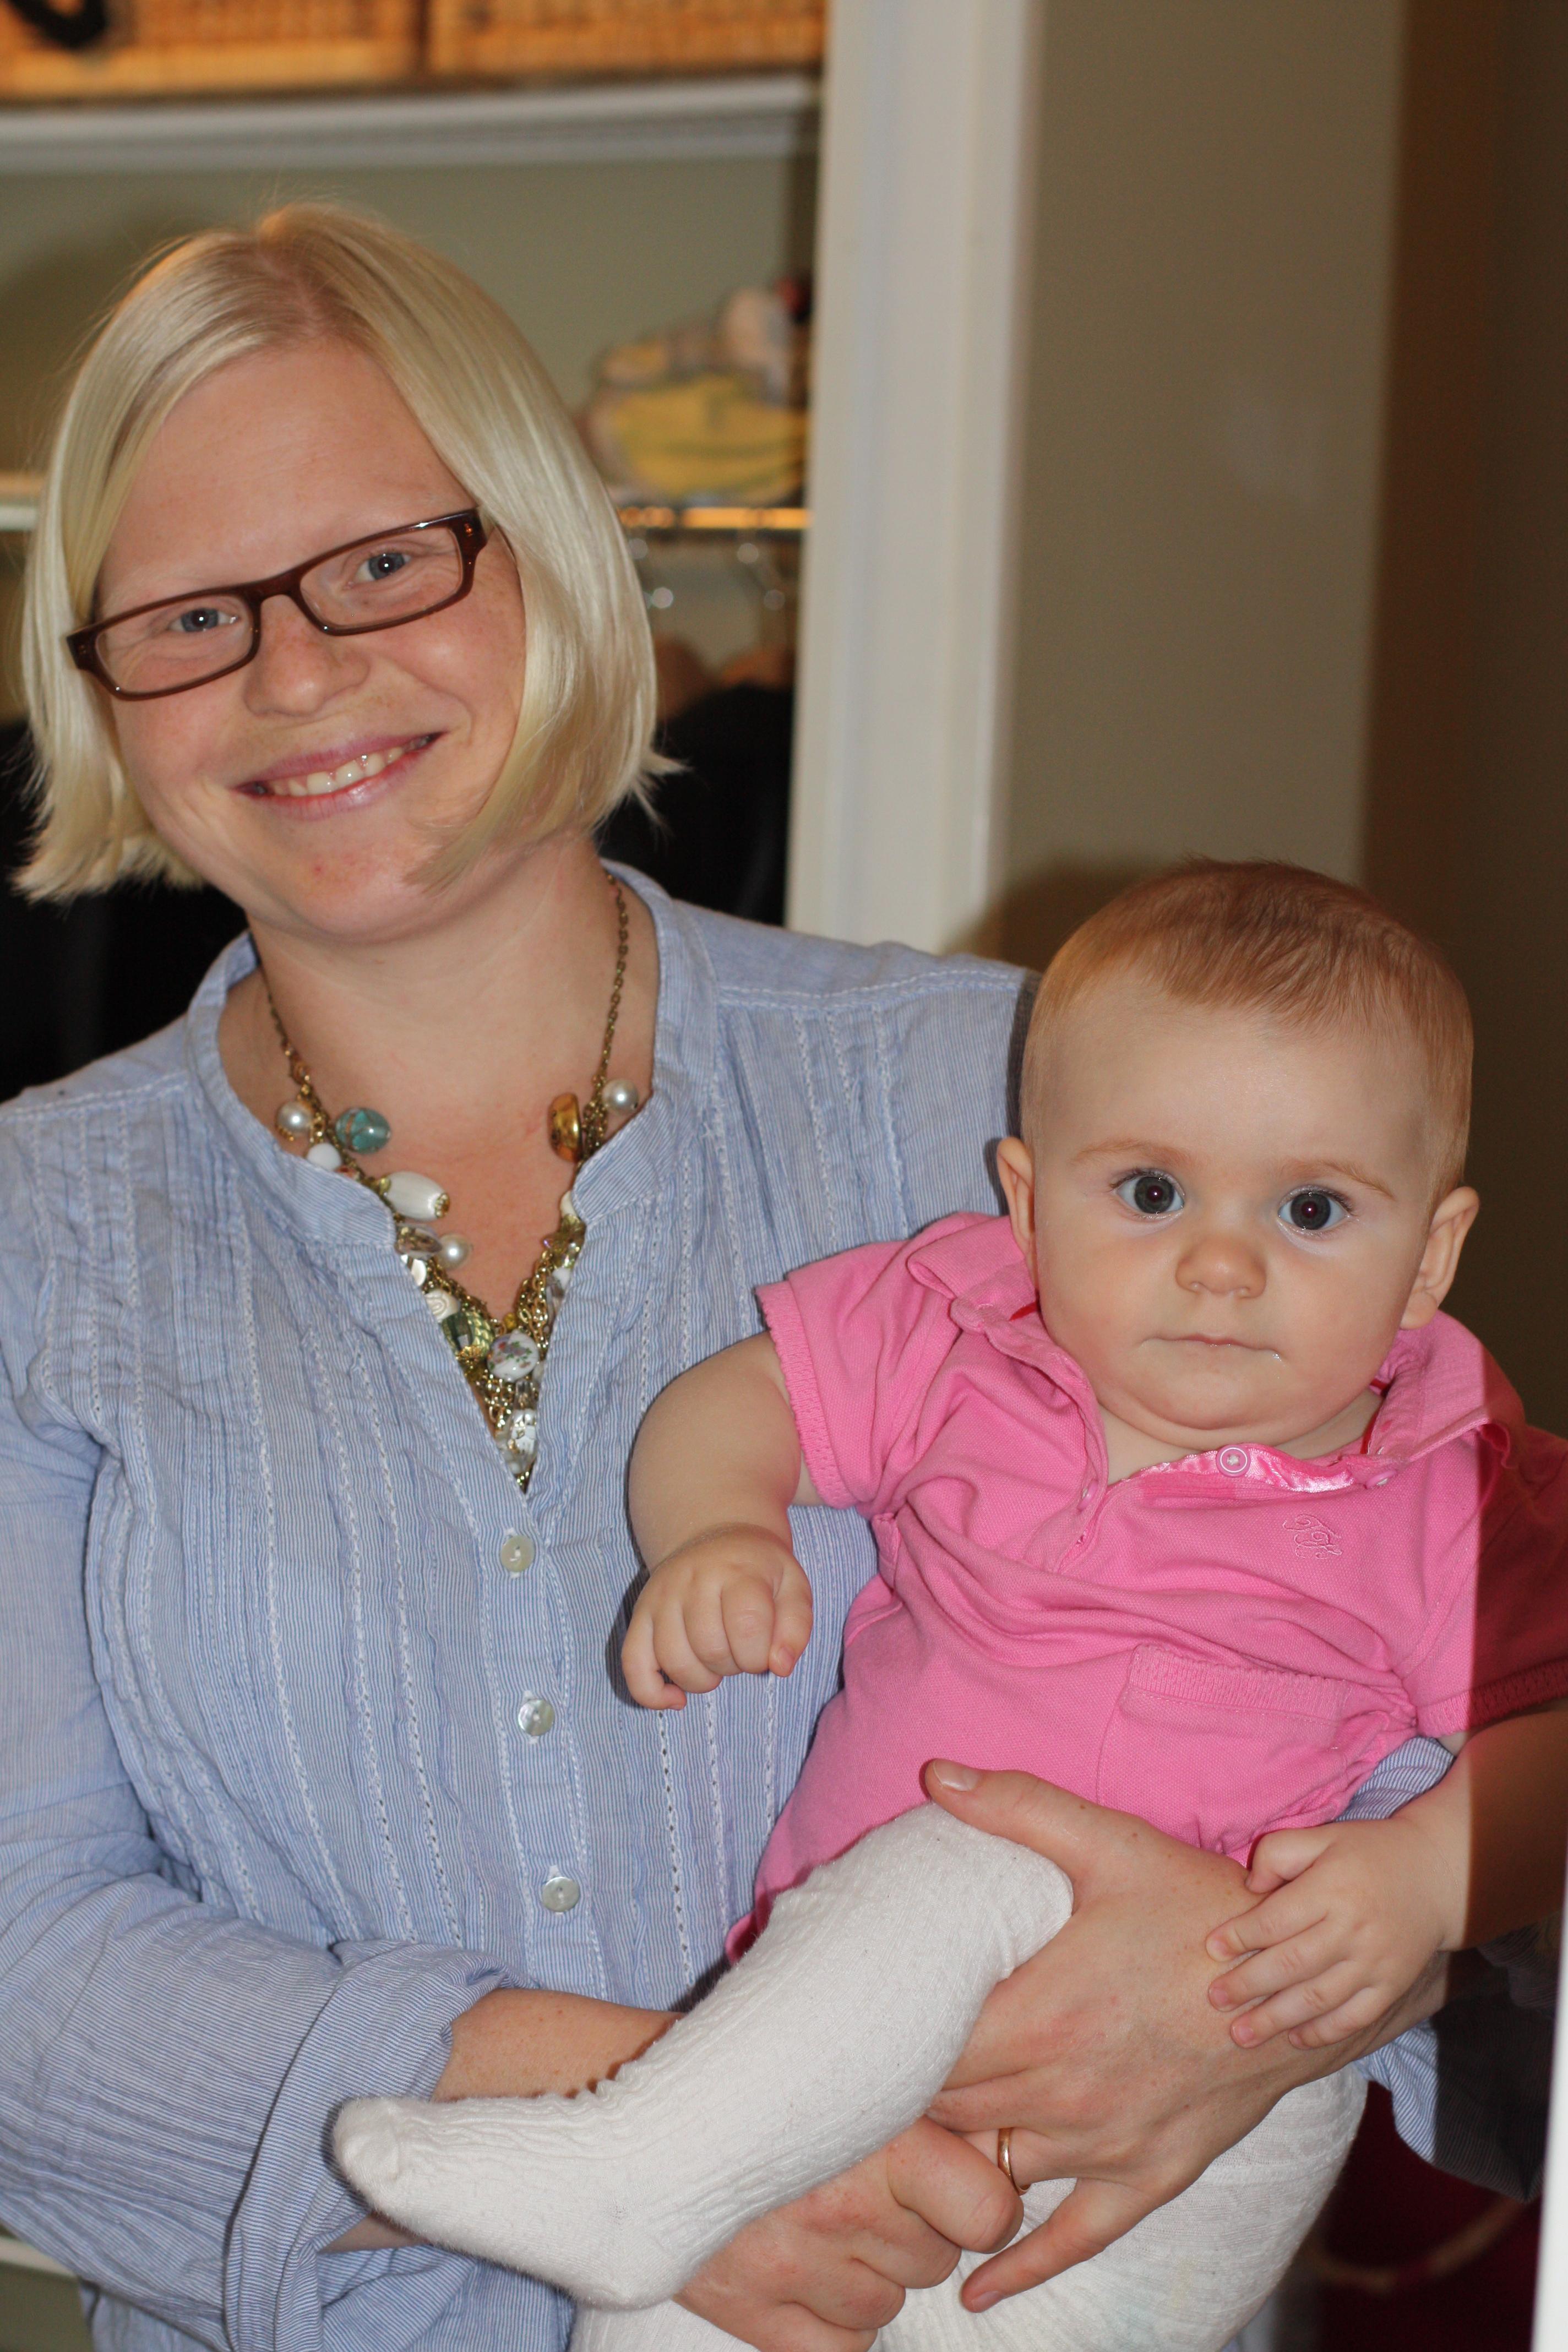 Min fina brorsdotter, Sixtens kusin, med sin vackra mamma Tove